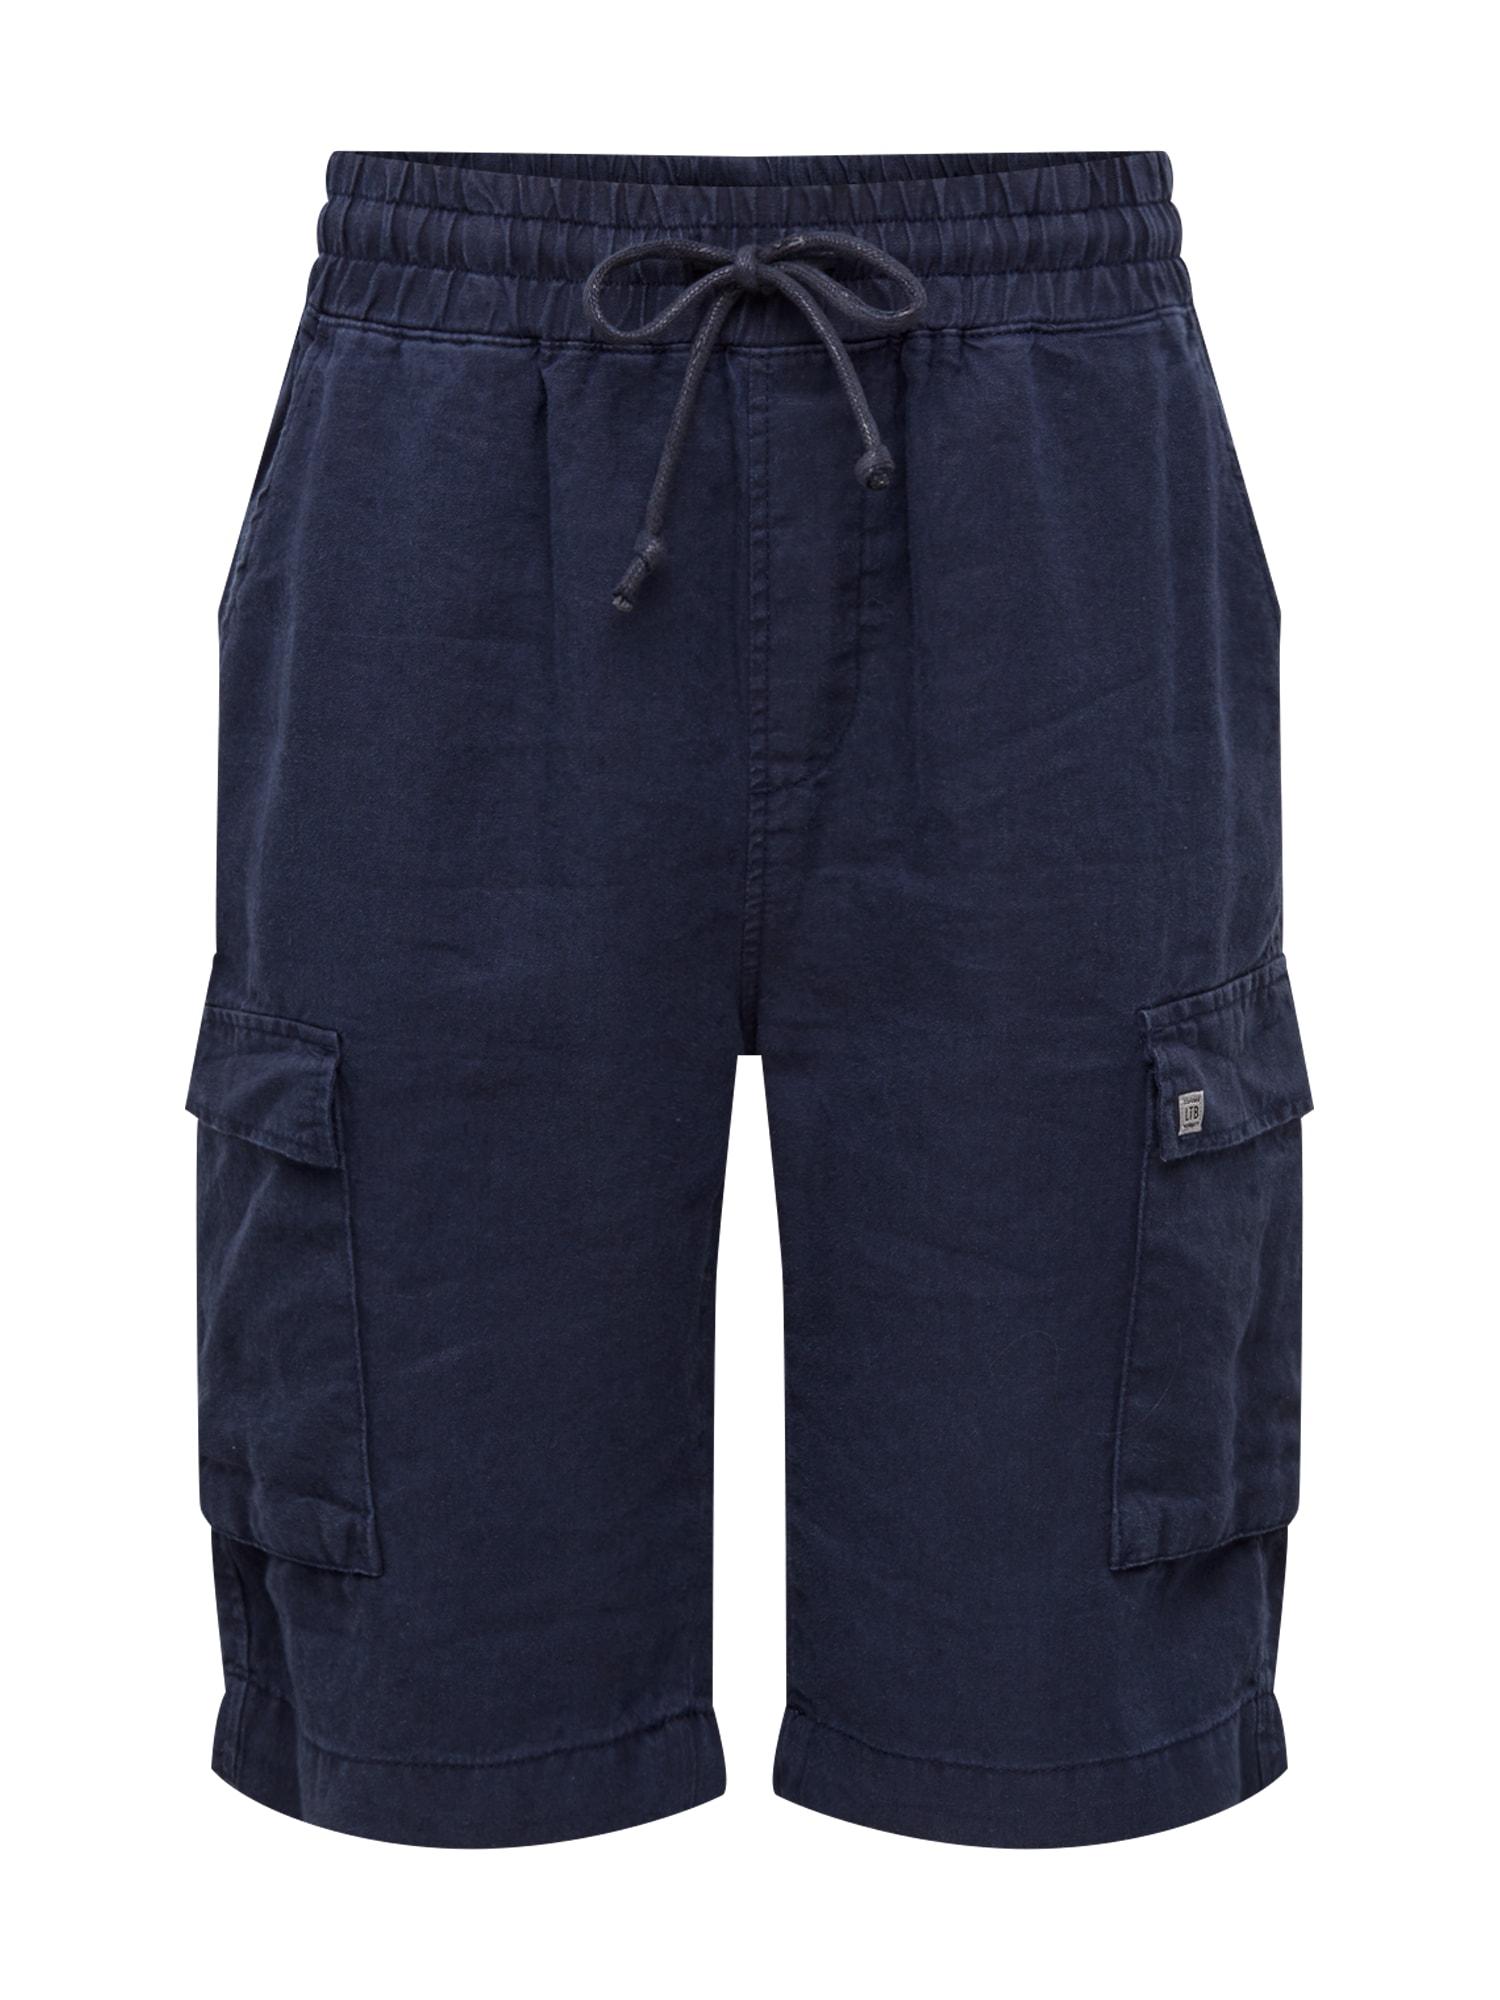 Kapsáče ZAHICA námořnická modř LTB